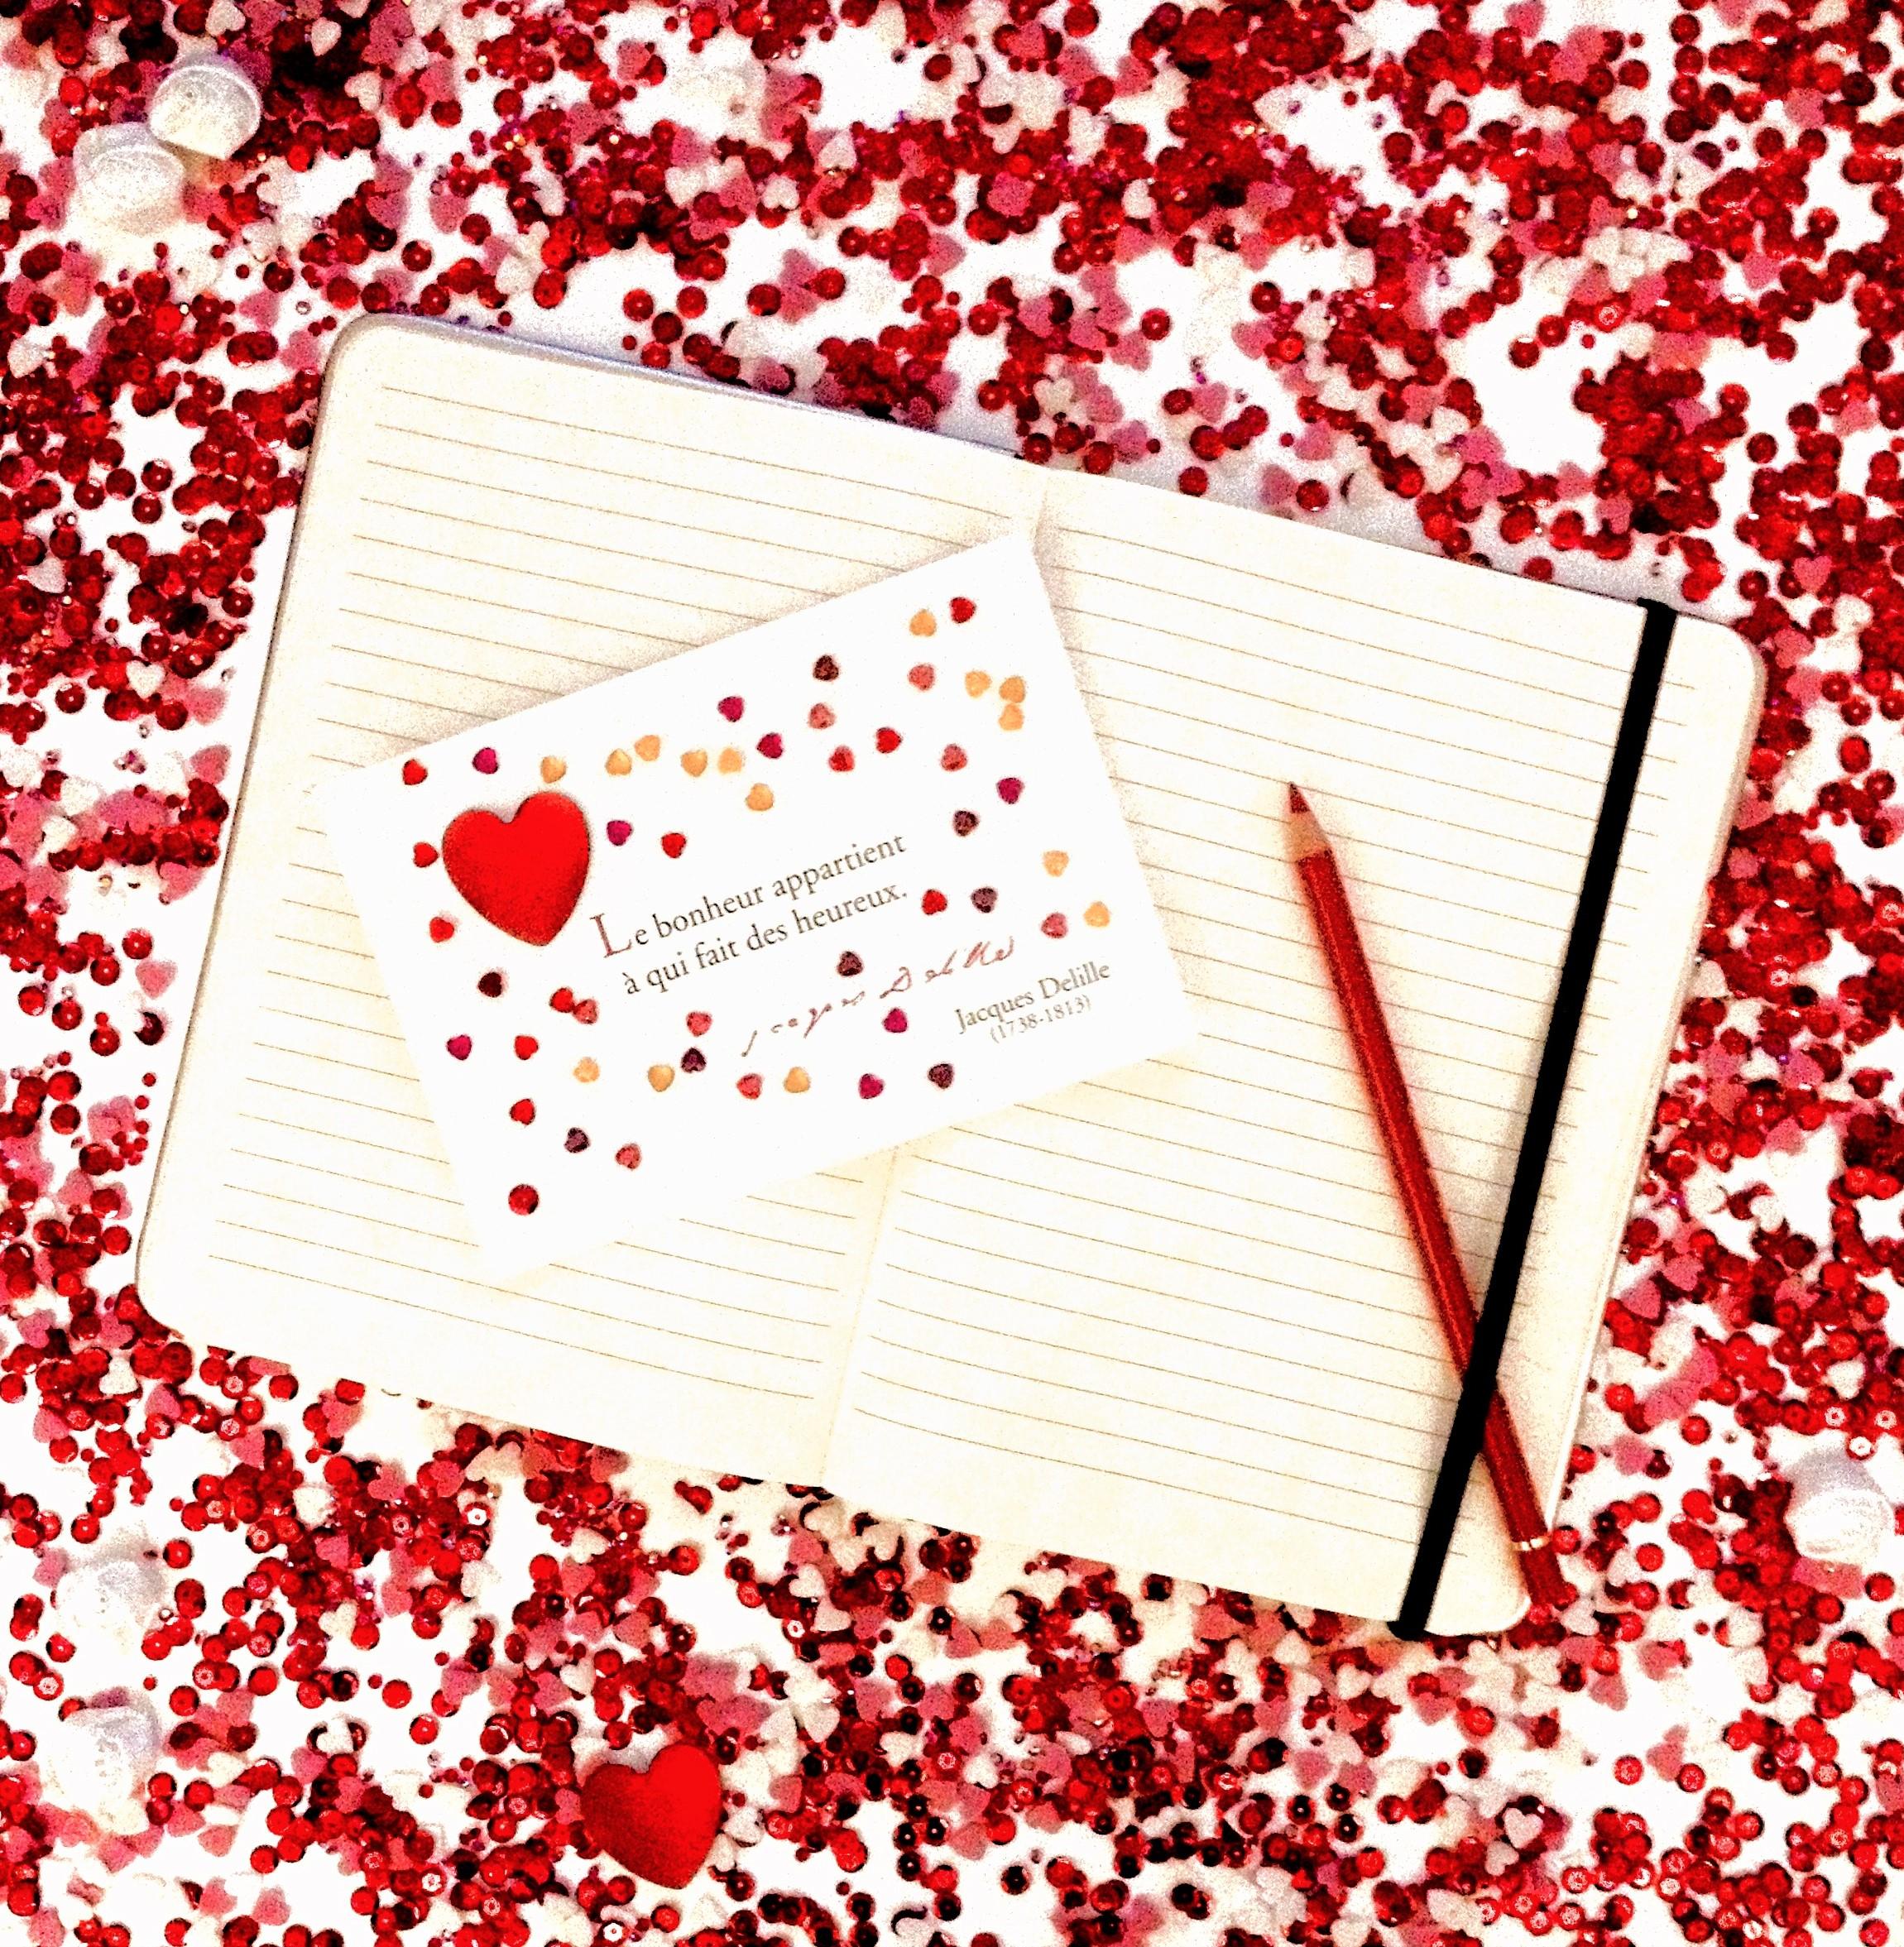 Mon Panne D'inspiration Valentin Xqaix5 La Et Beauté Ma y0wv8ONmPn